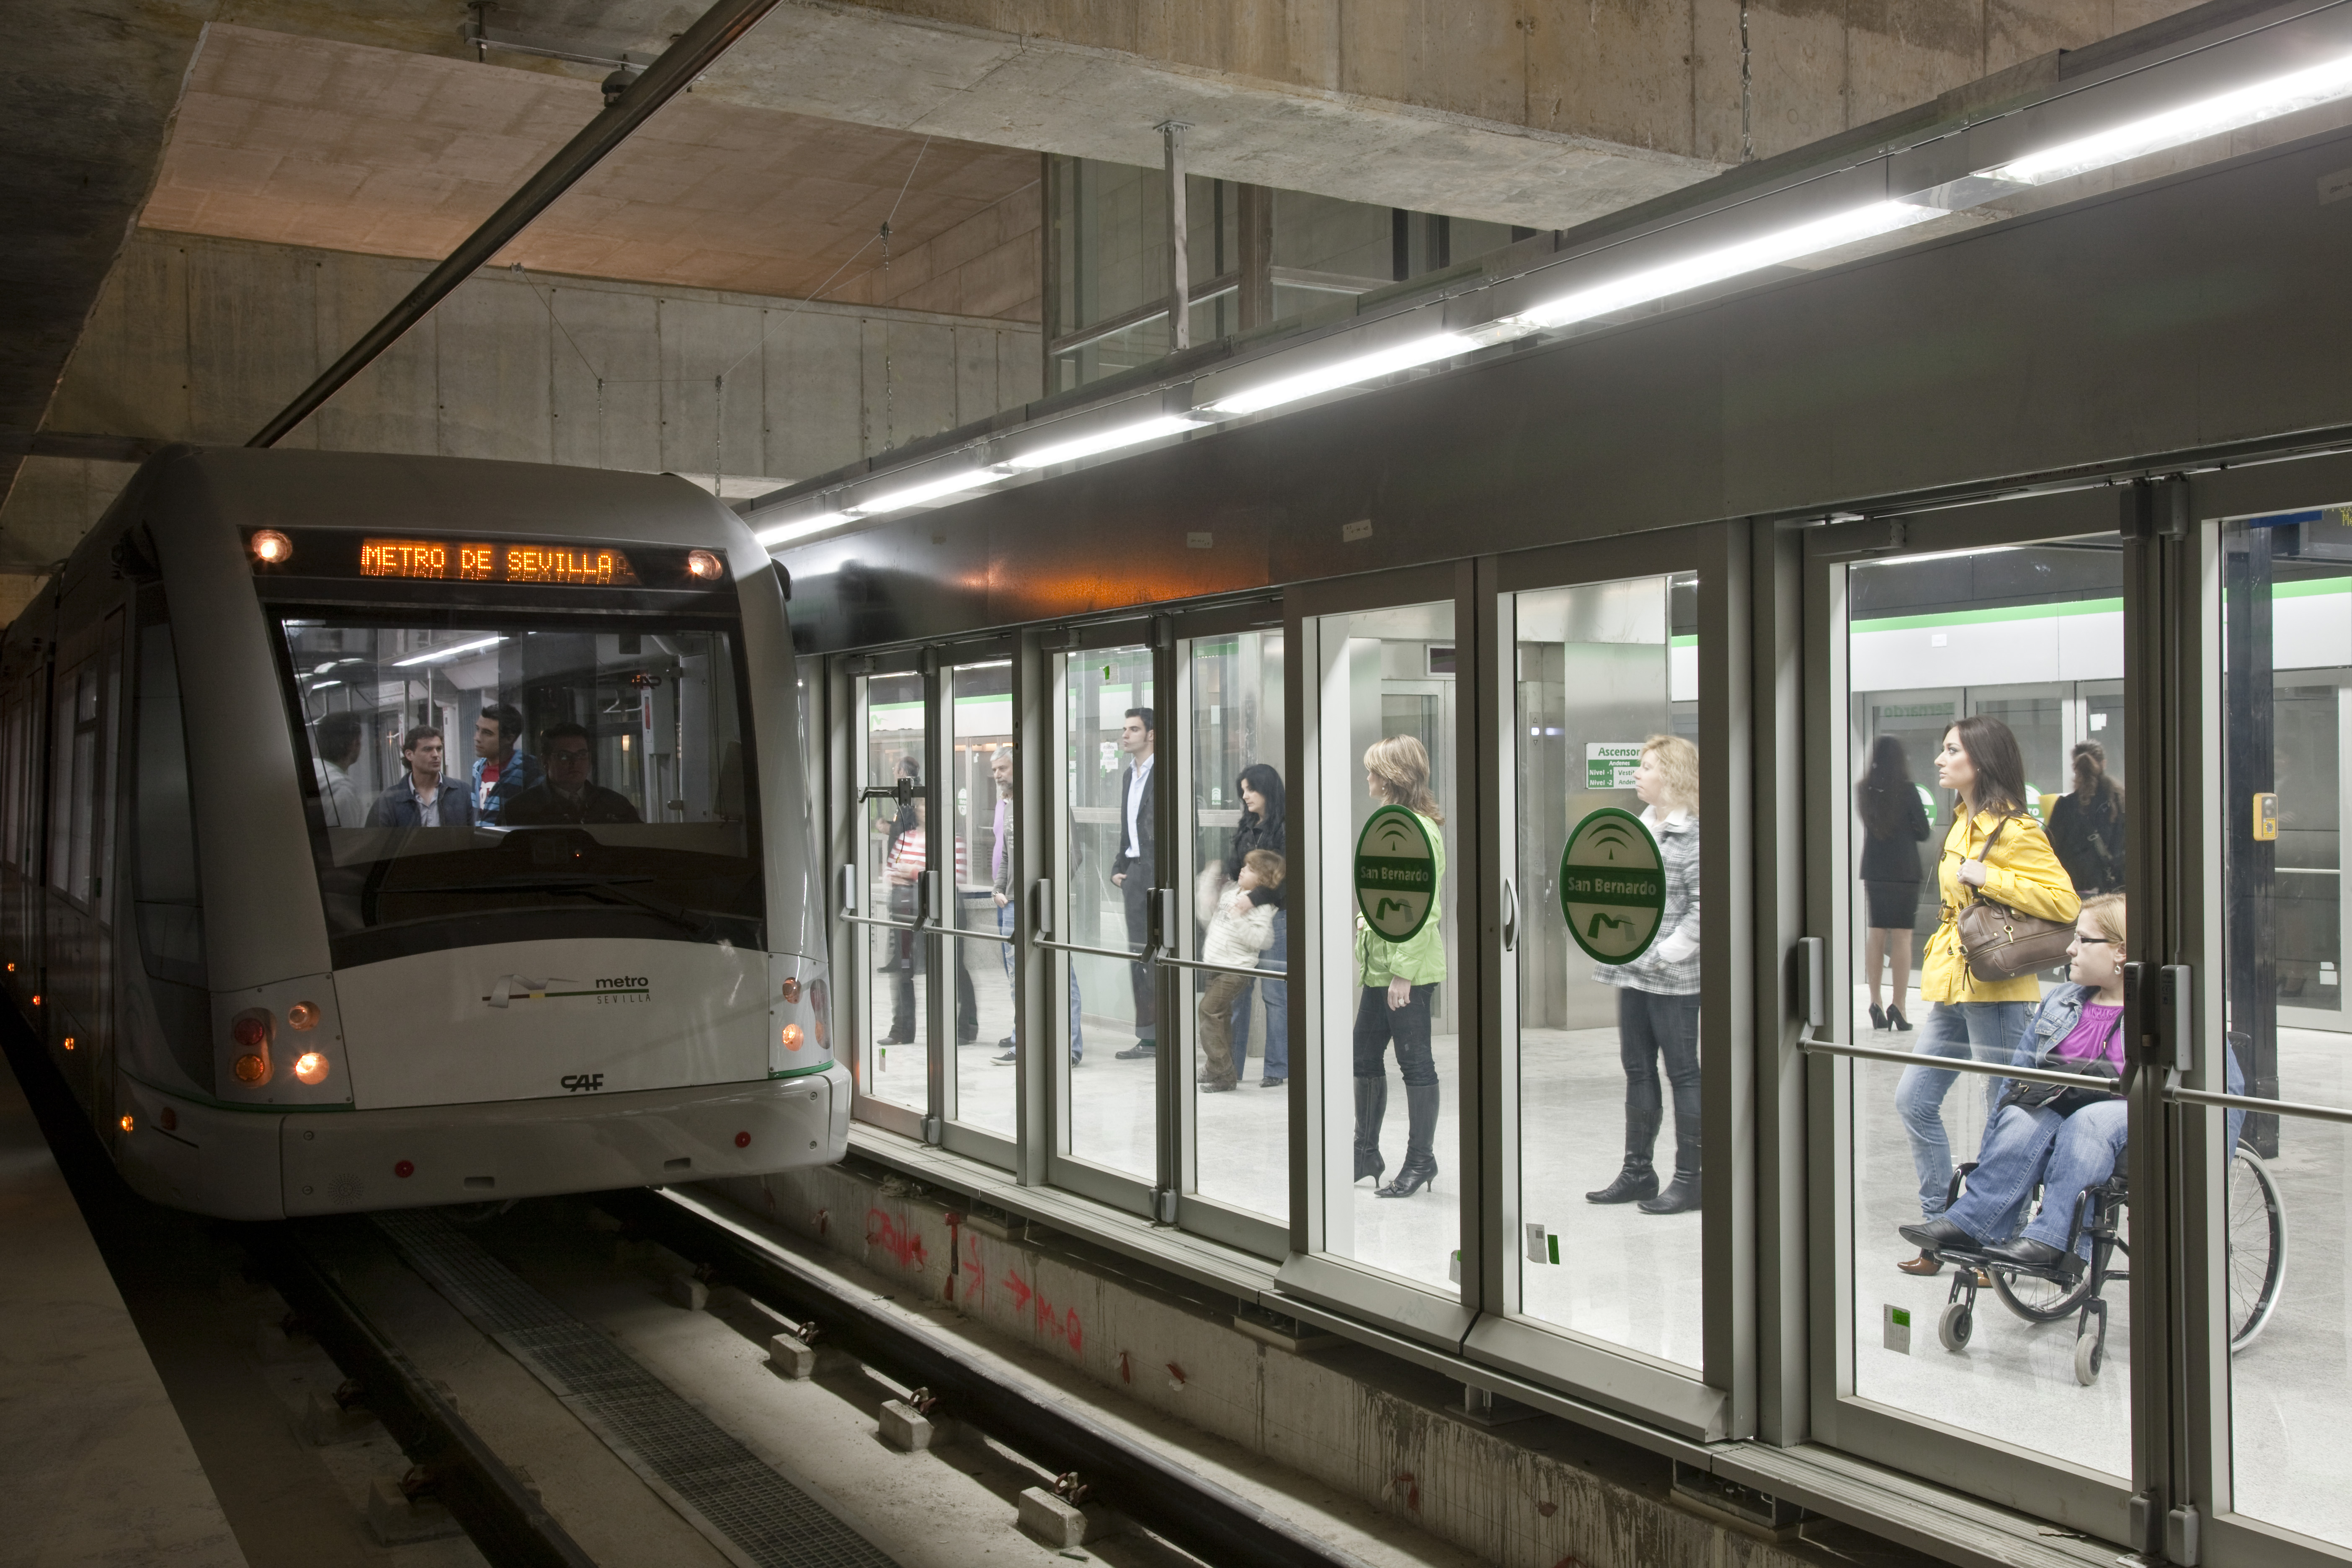 La línea 1 de metro de Sevilla dispone de un trazado de 18 kms con 21 estaciones operativas.